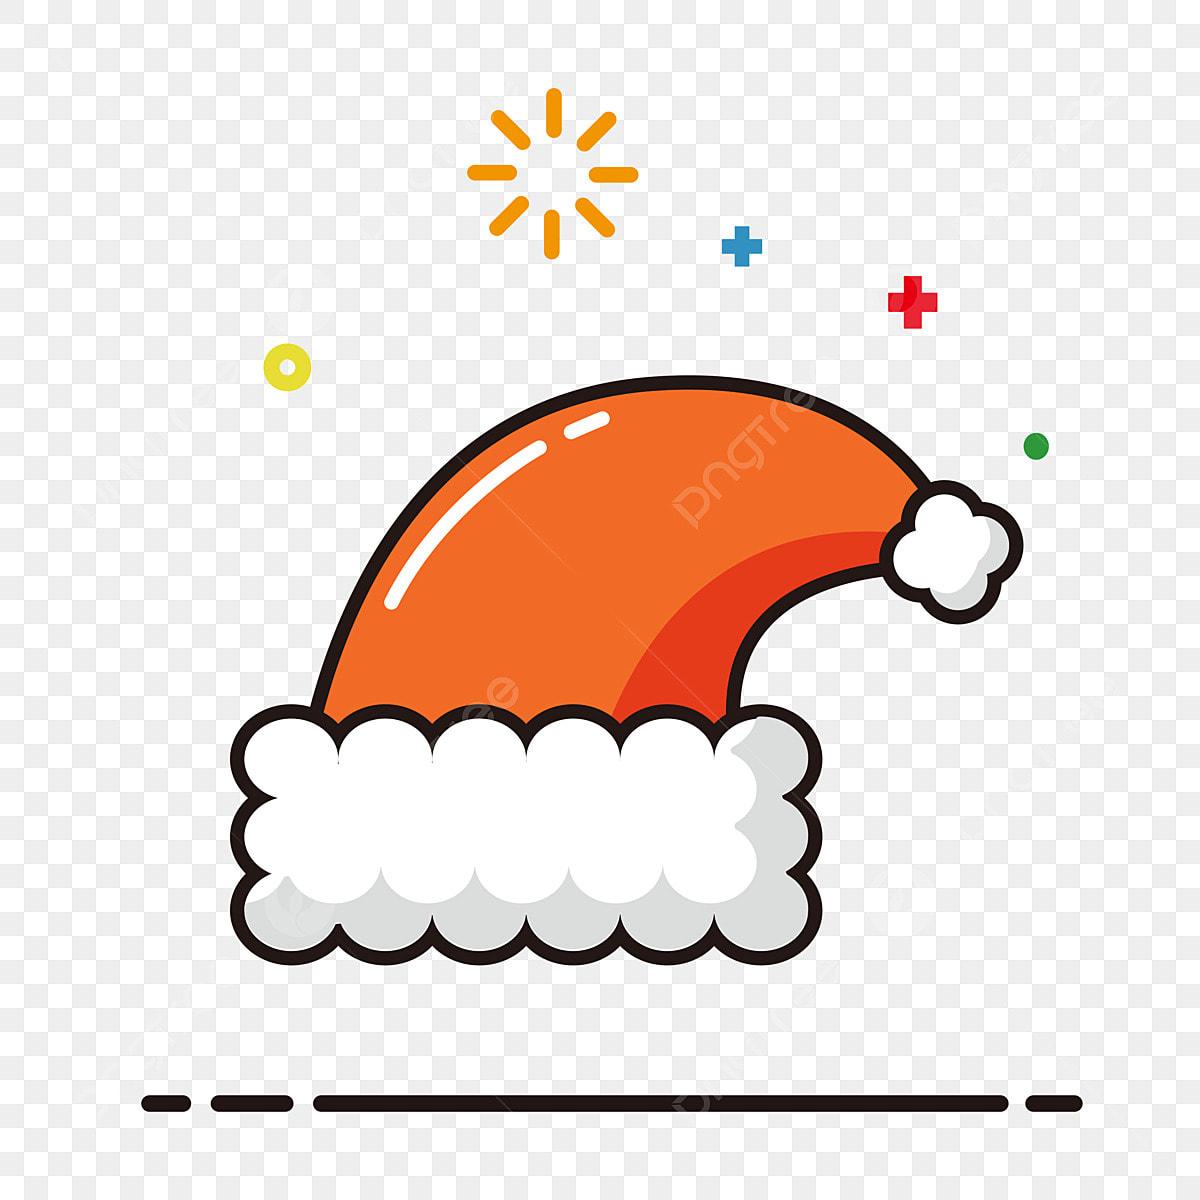 Dibujos De Navidad Creativos.Navidad Sombrero Mbe Dibujos Animados Creativos Elementos